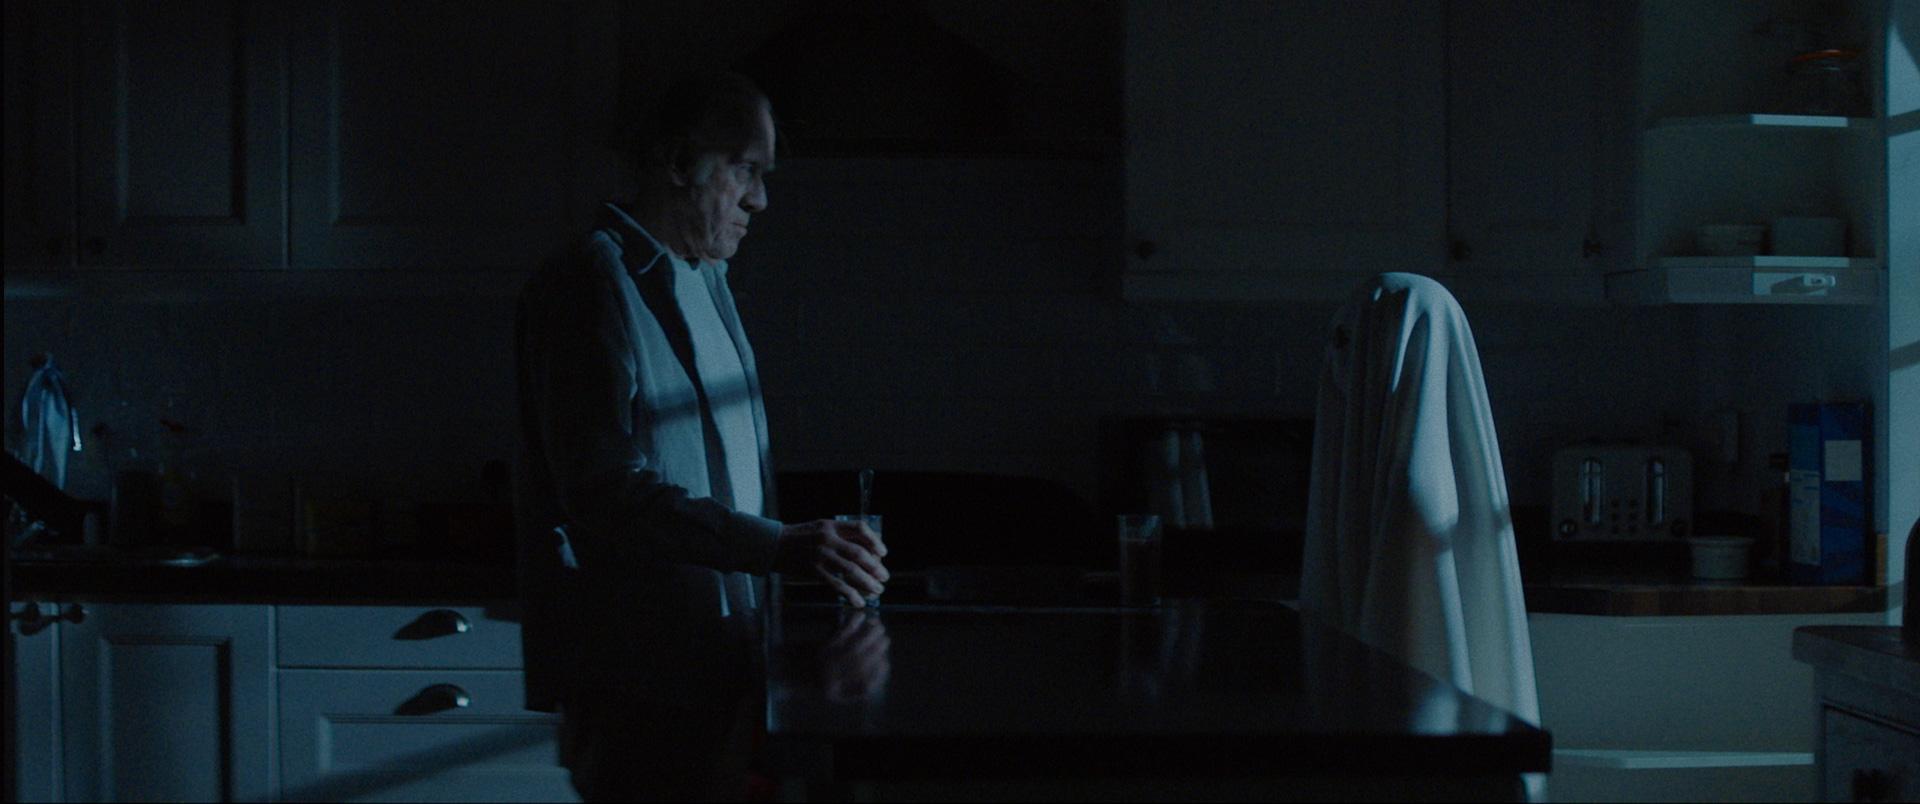 Boo. - Dir: Tames Bernstein   2019